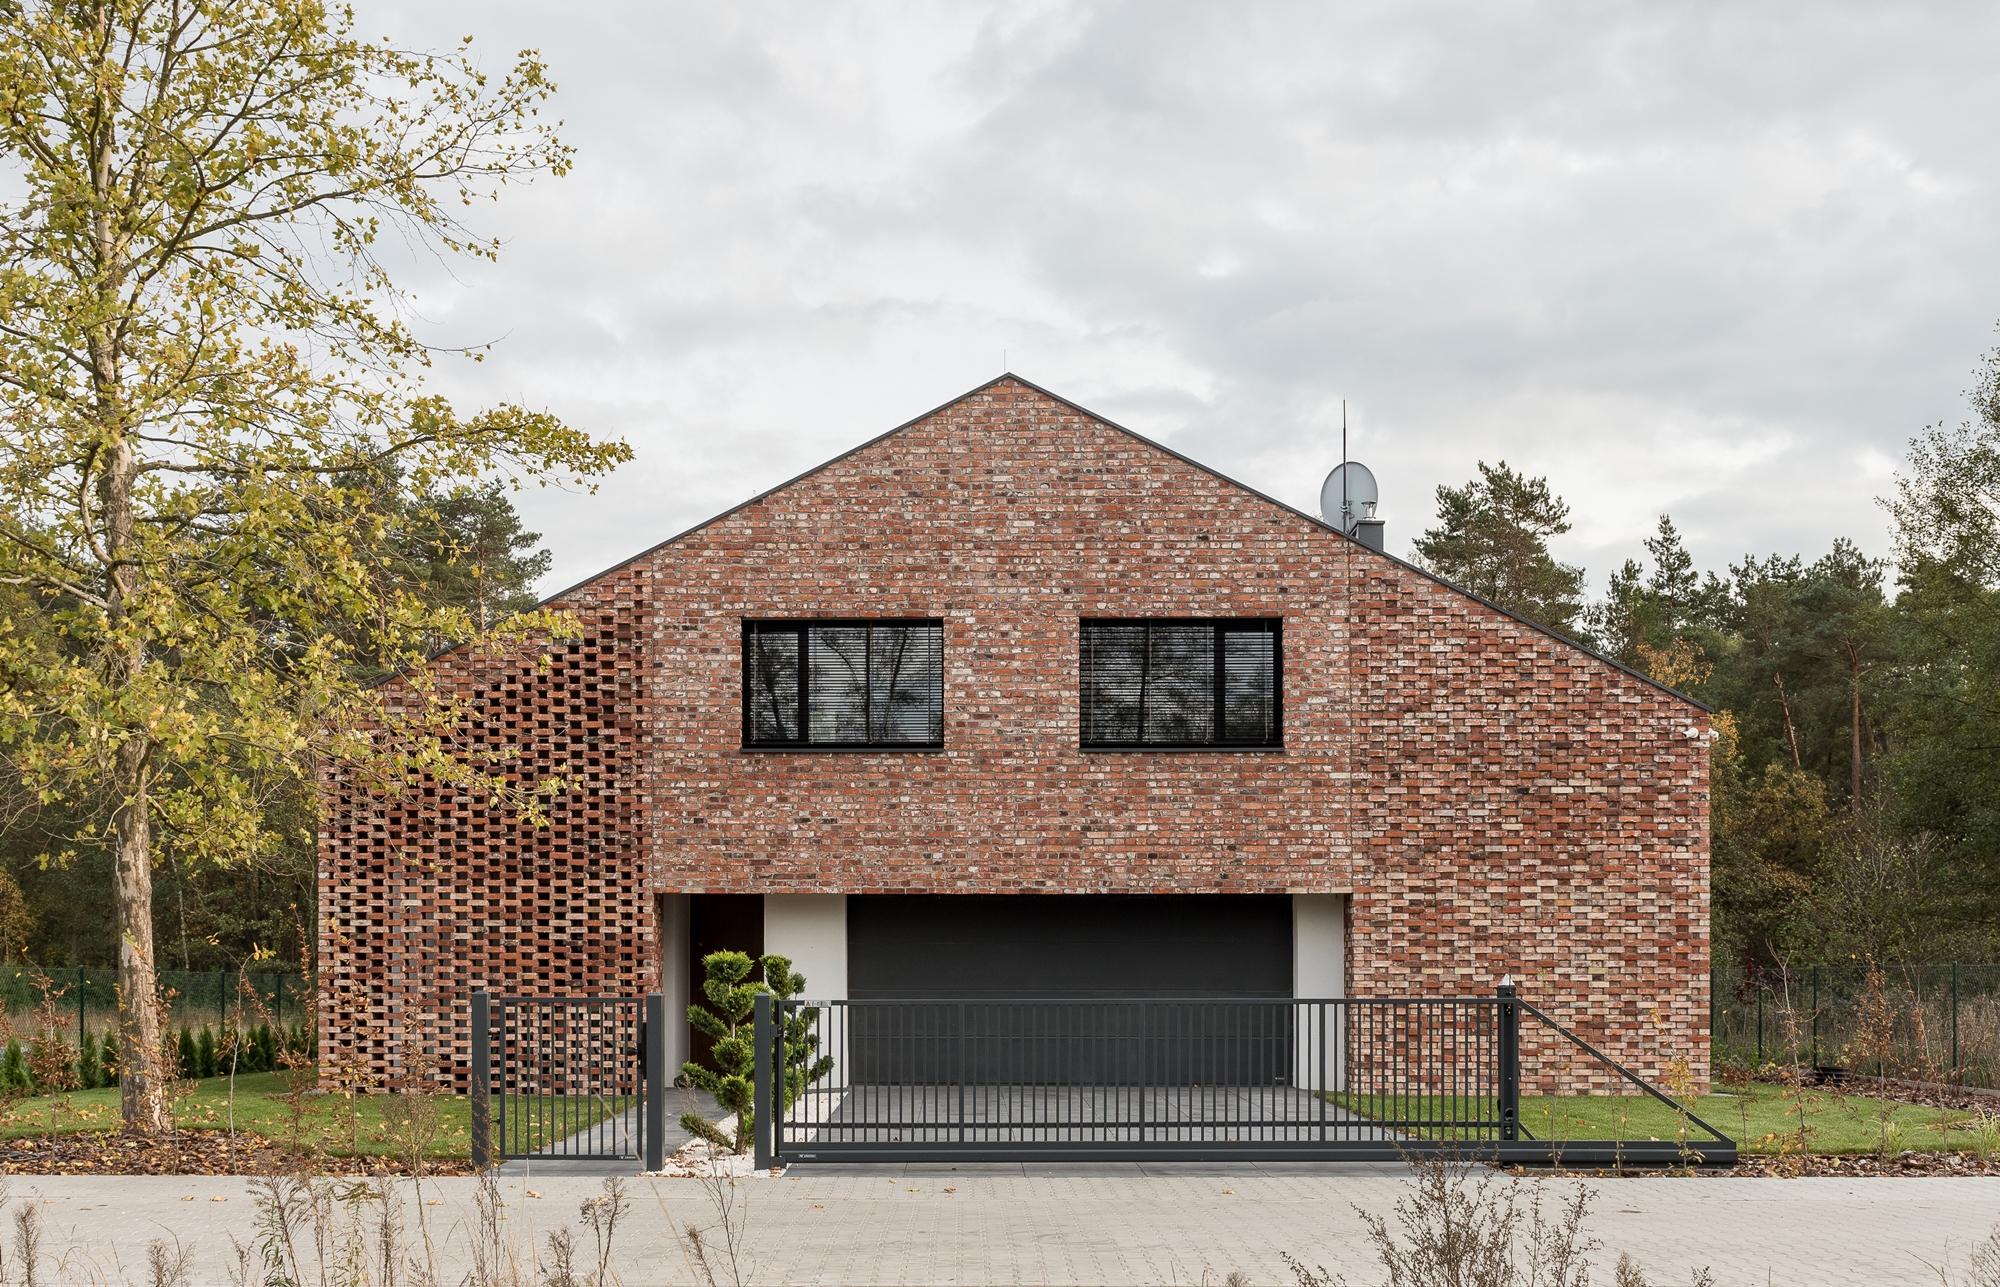 Dom ze starej stodoły - drugie życie cegły